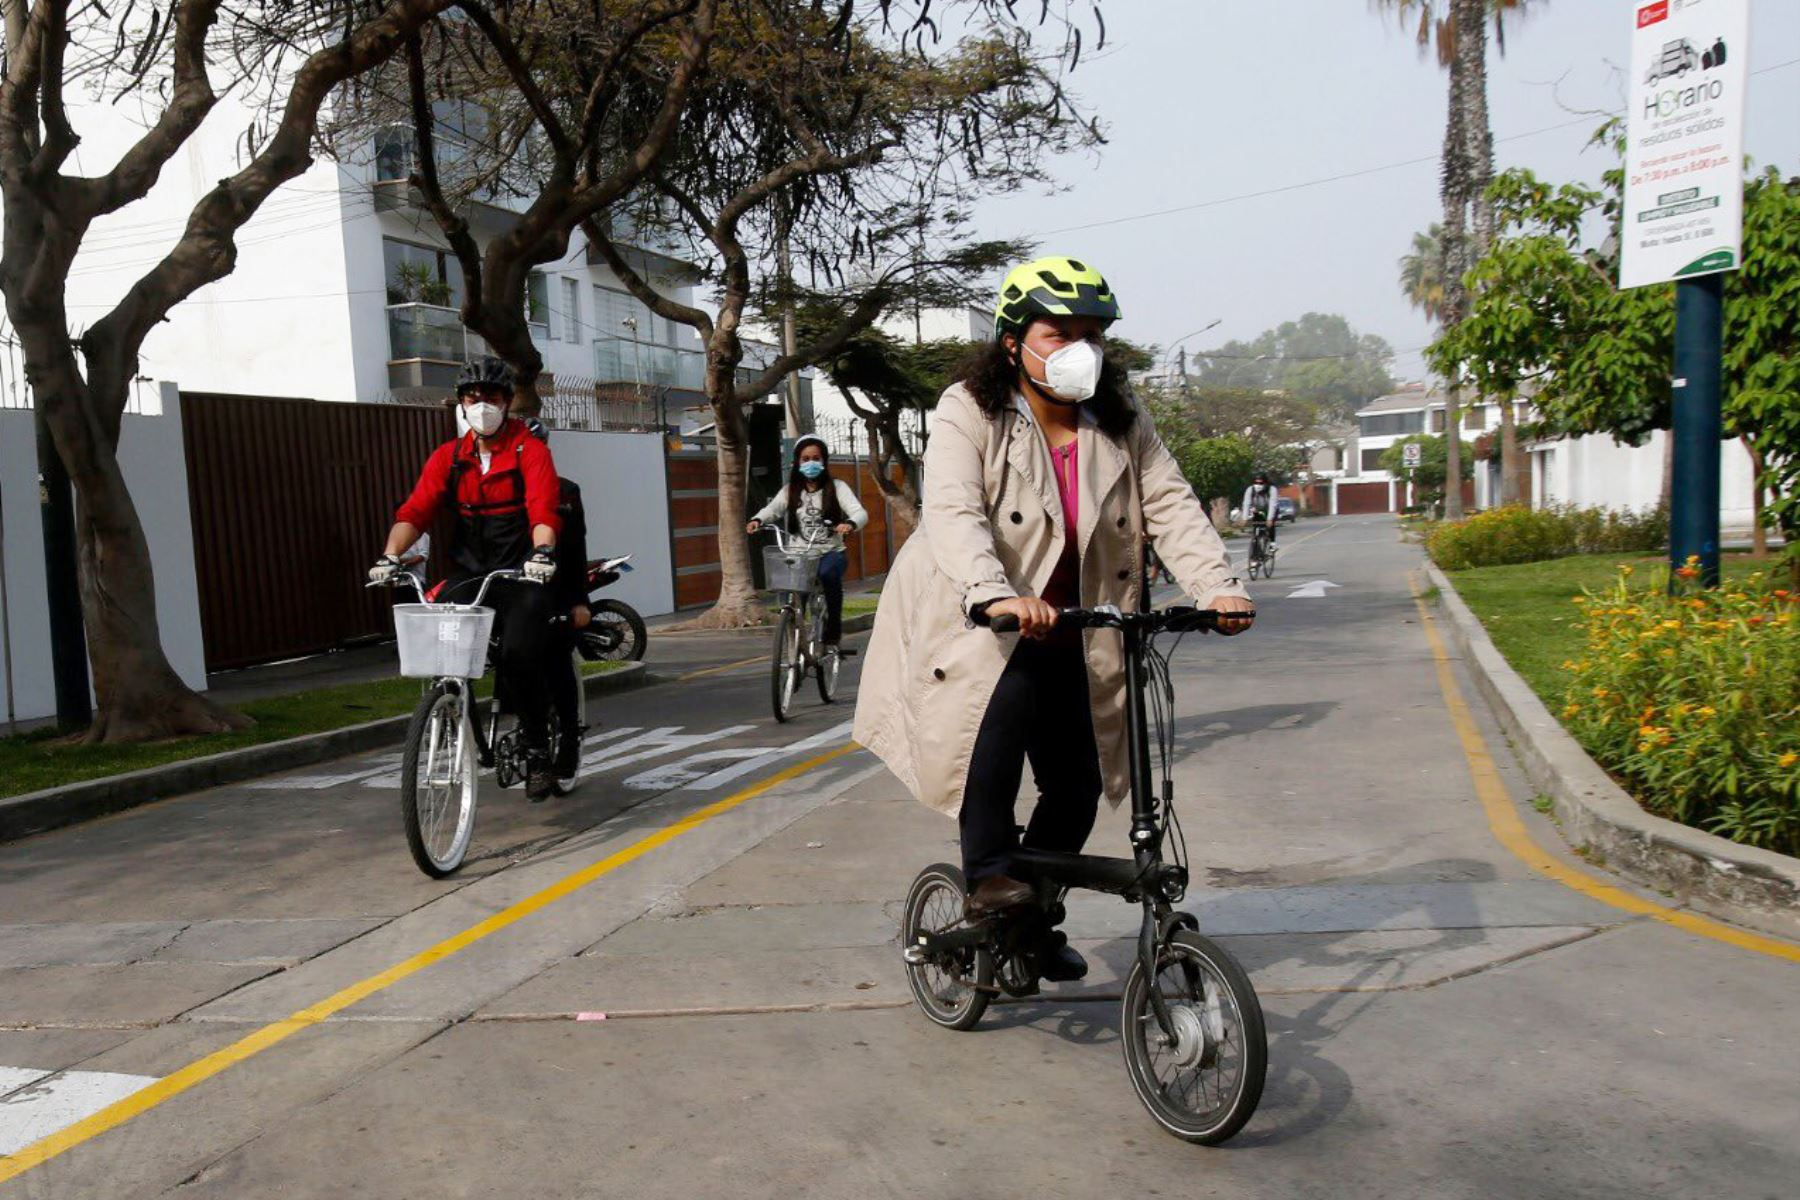 La población podrá salir de sus viviendas a pie o en bicicleta, pero no podrá circular en autos particulares. Foto: ANDINA/difusión.